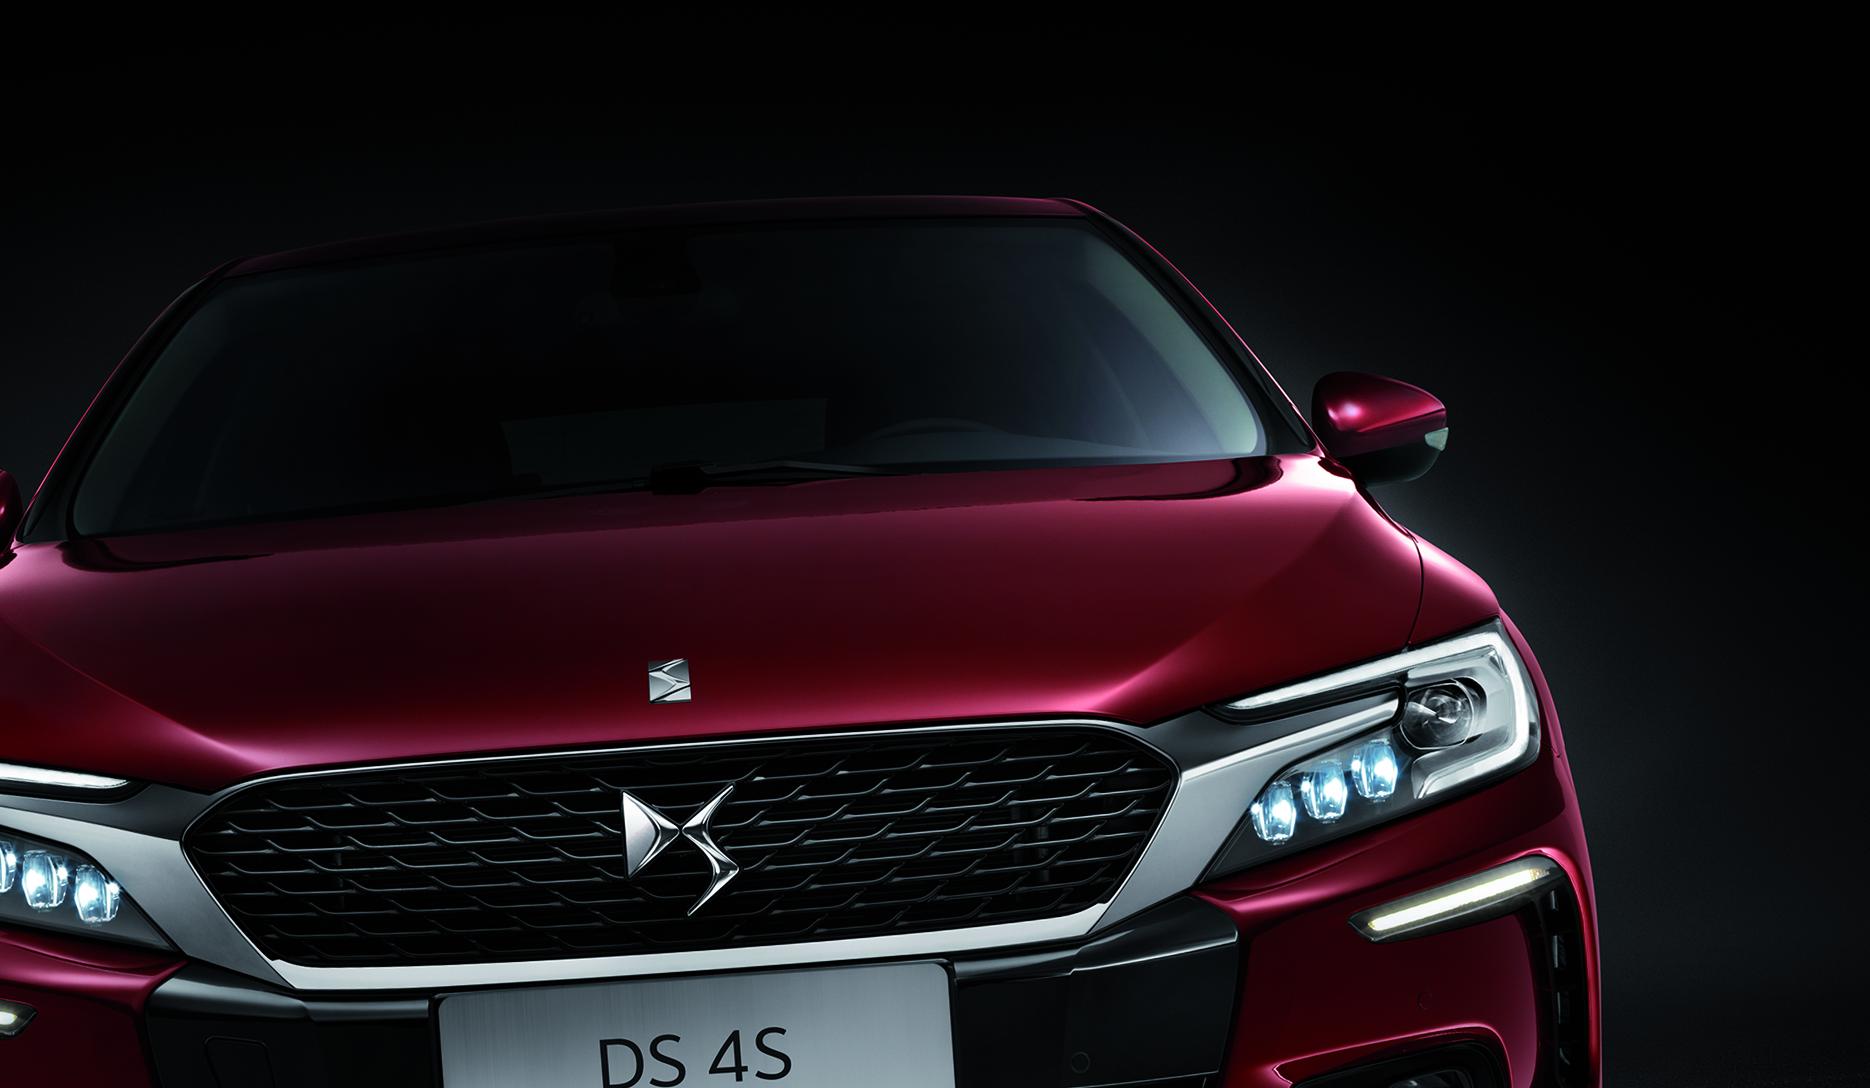 S0-DS-devoile-une-DS-4S-pour-la-Chine-366902